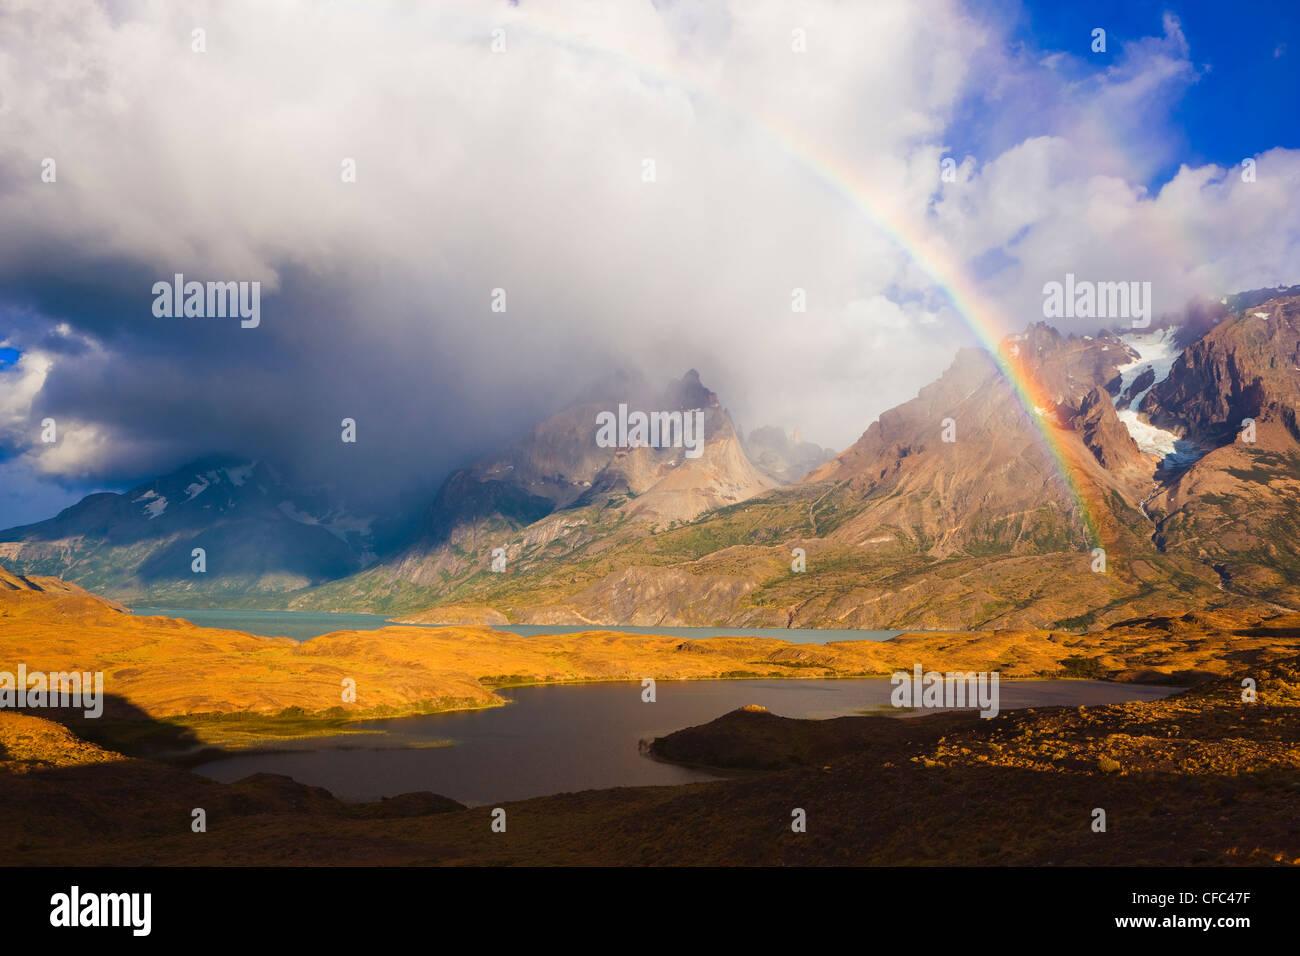 Regenbogen und Cuernos del Paine bei Sonnenaufgang, Torres del Paine Nationalpark, Patagonien, Chile Stockbild